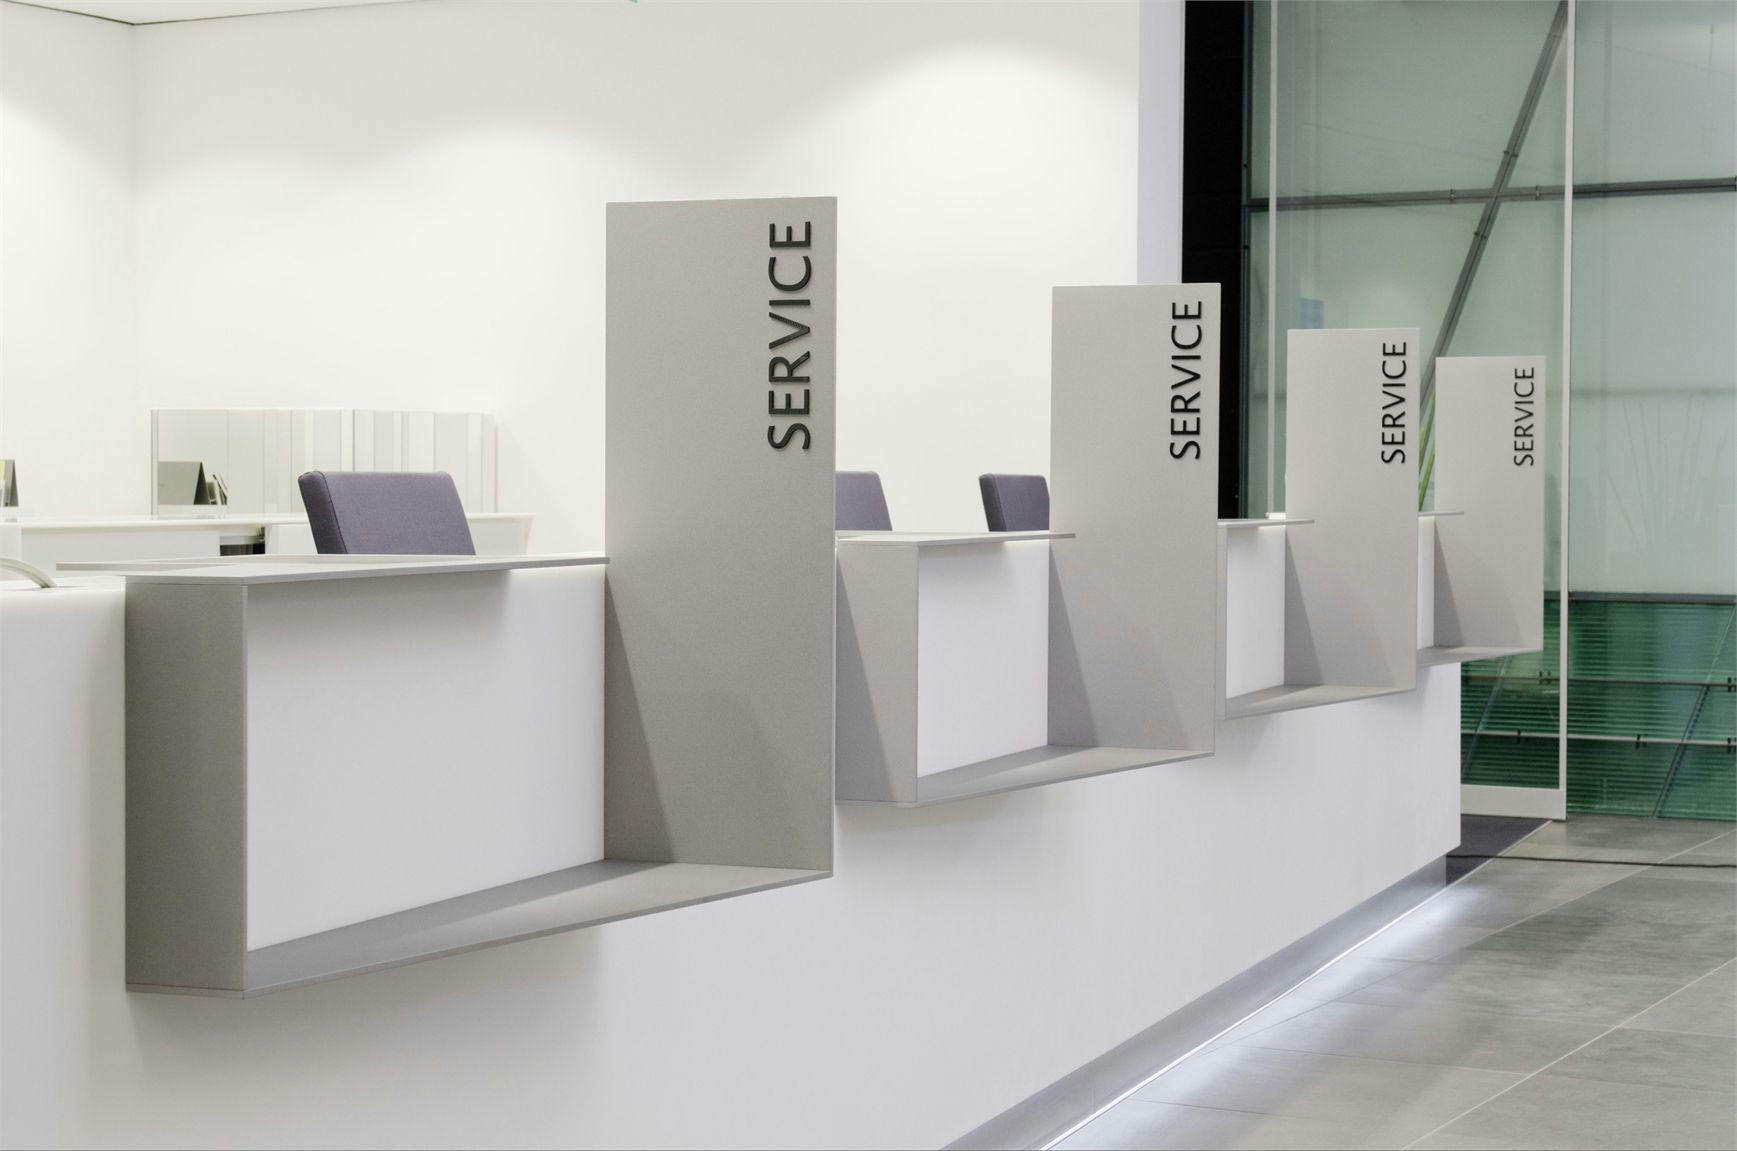 Stoccarda Himacs Bank Per La Bw Ahi Macs Per La Bw Bank A Stoccarda Bank Interior Design Counter Design Reception Desk Design